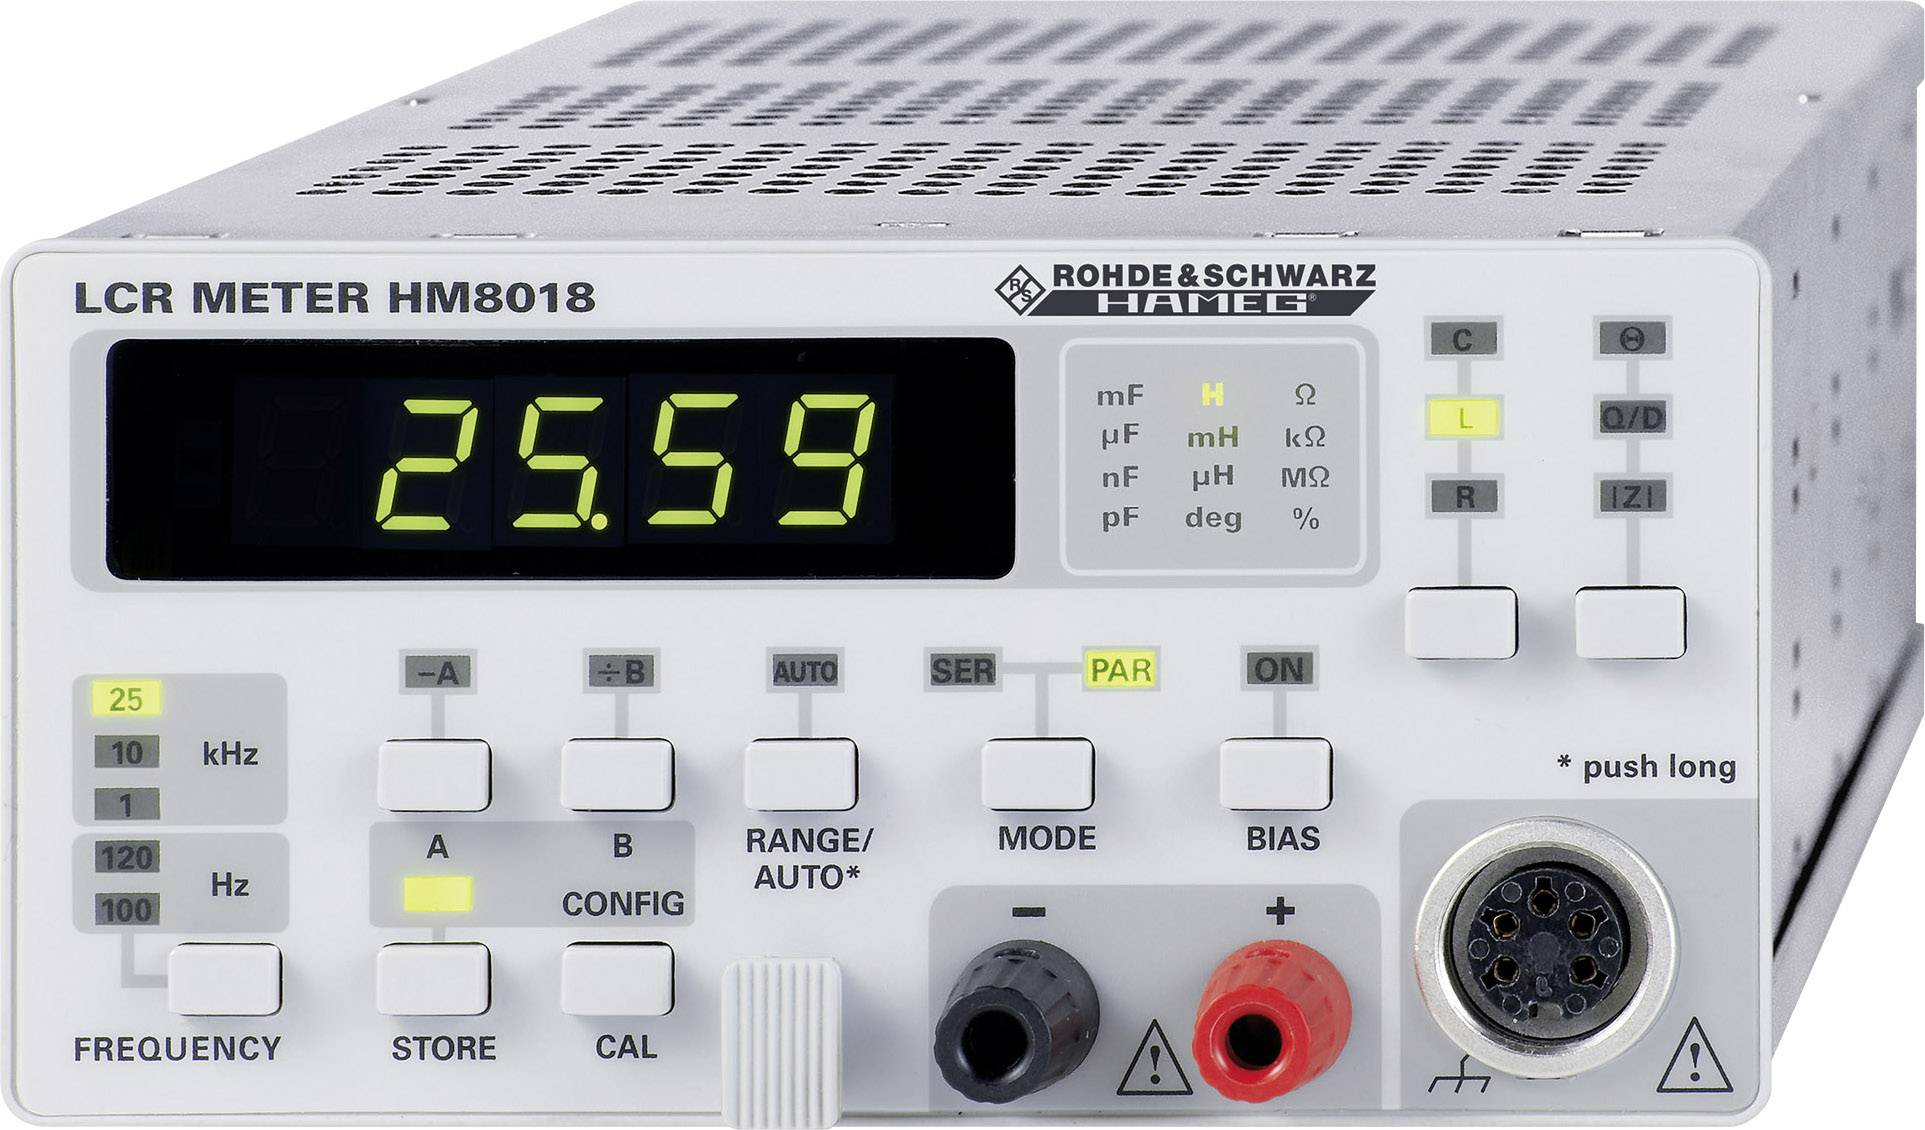 Digitálne/y skúšačka elektronických komponentov Rohde & Schwarz HM8018 3593.0774K02